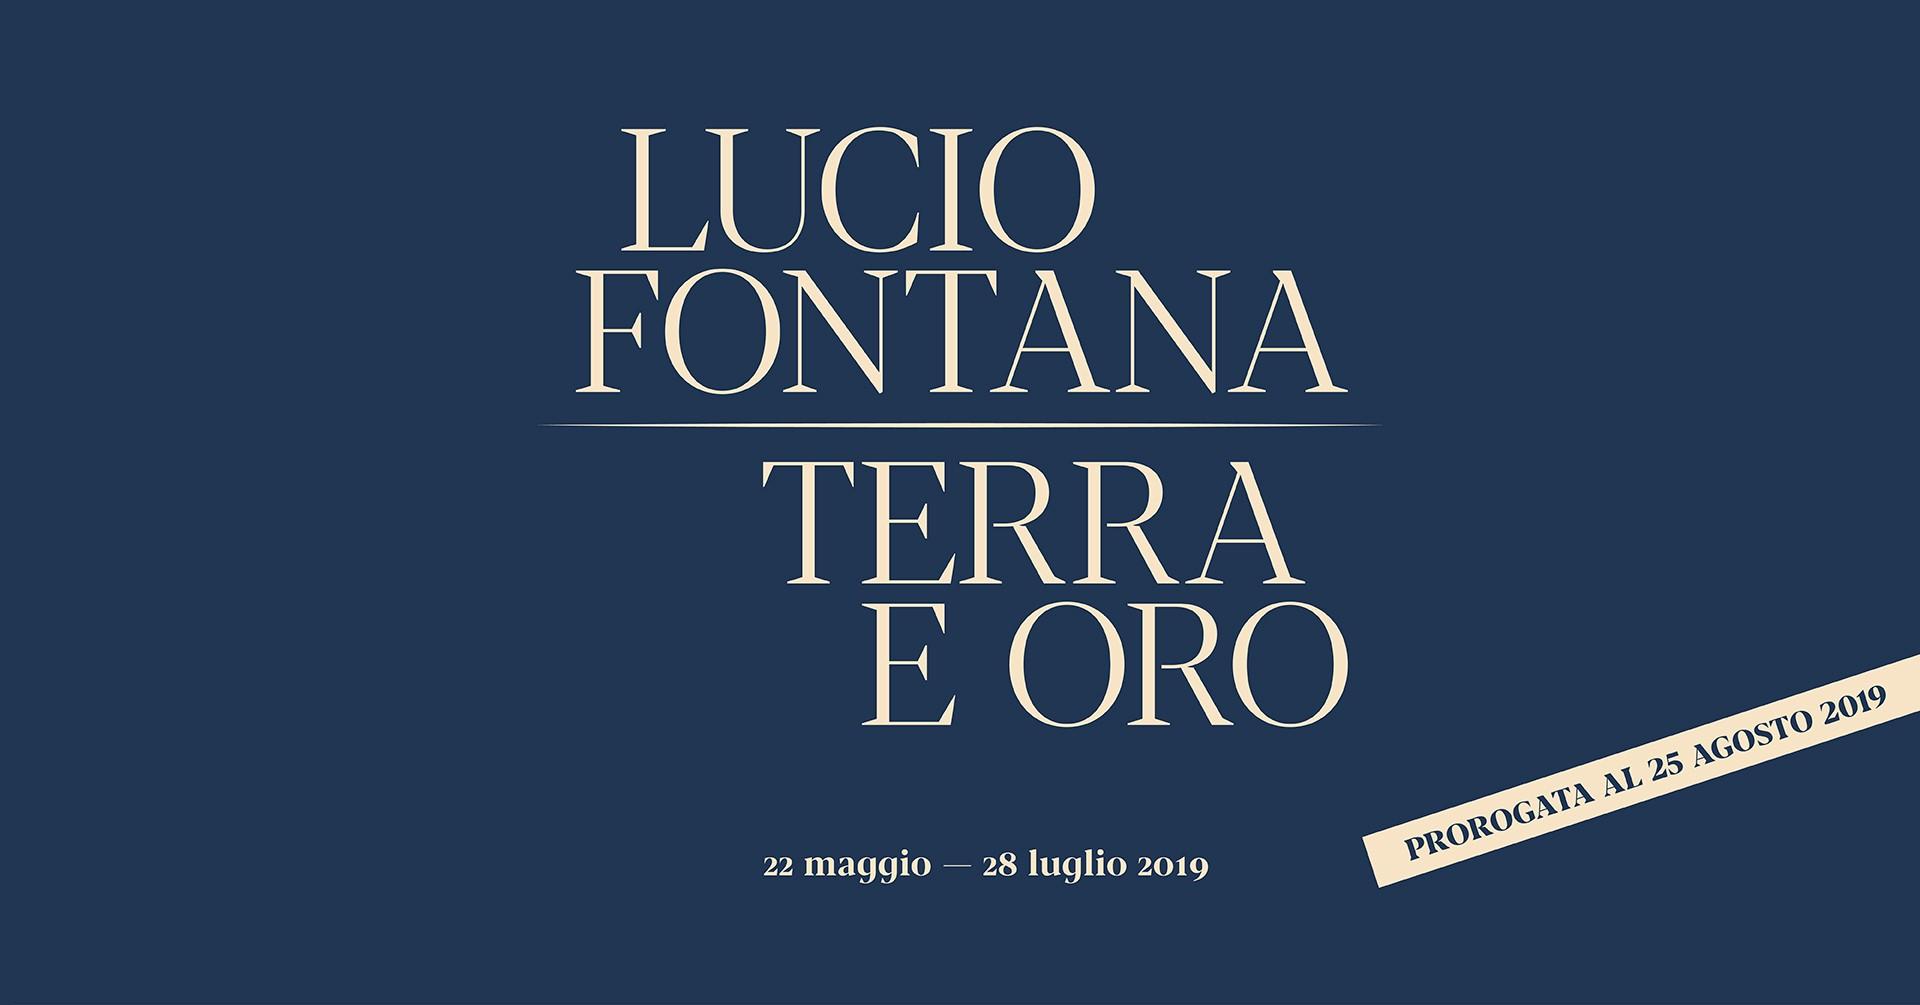 LUCIO FONTANA: EARTH AND GOLD